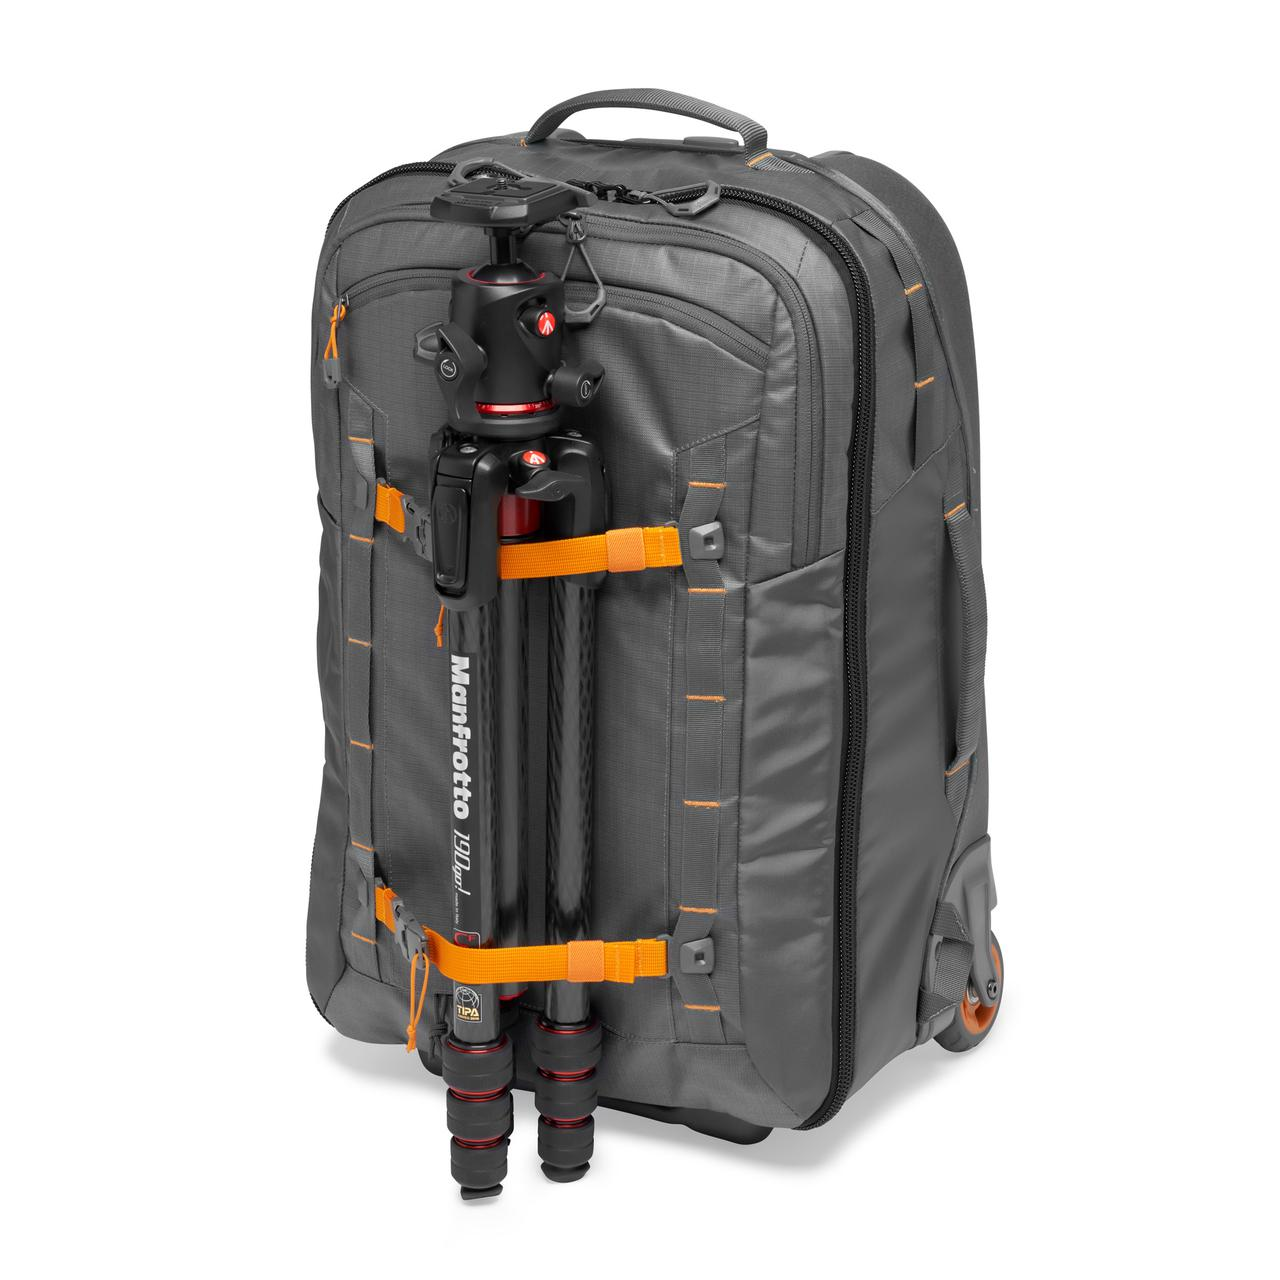 画像3: プロフォトグラファー向けバッグ。機内持ち込み可能サイズで便利!